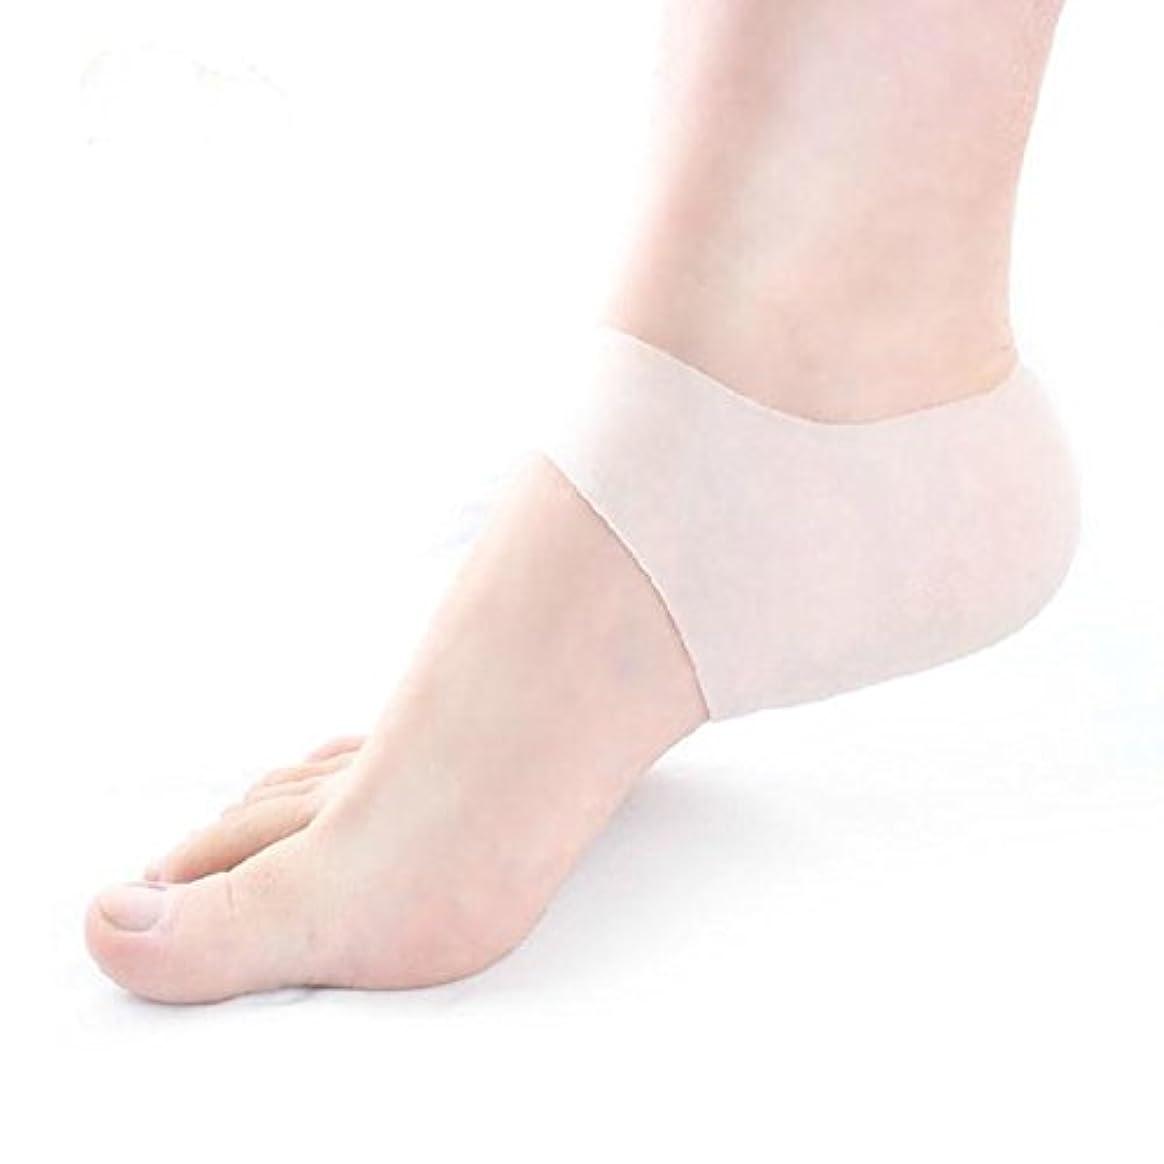 バルブ紀元前母性ACHICOO 保護クッション 皮膚 軟化 グレード シリコーンゲルヒールの袖 足根筋膜炎 痛み緩和 1つペア White